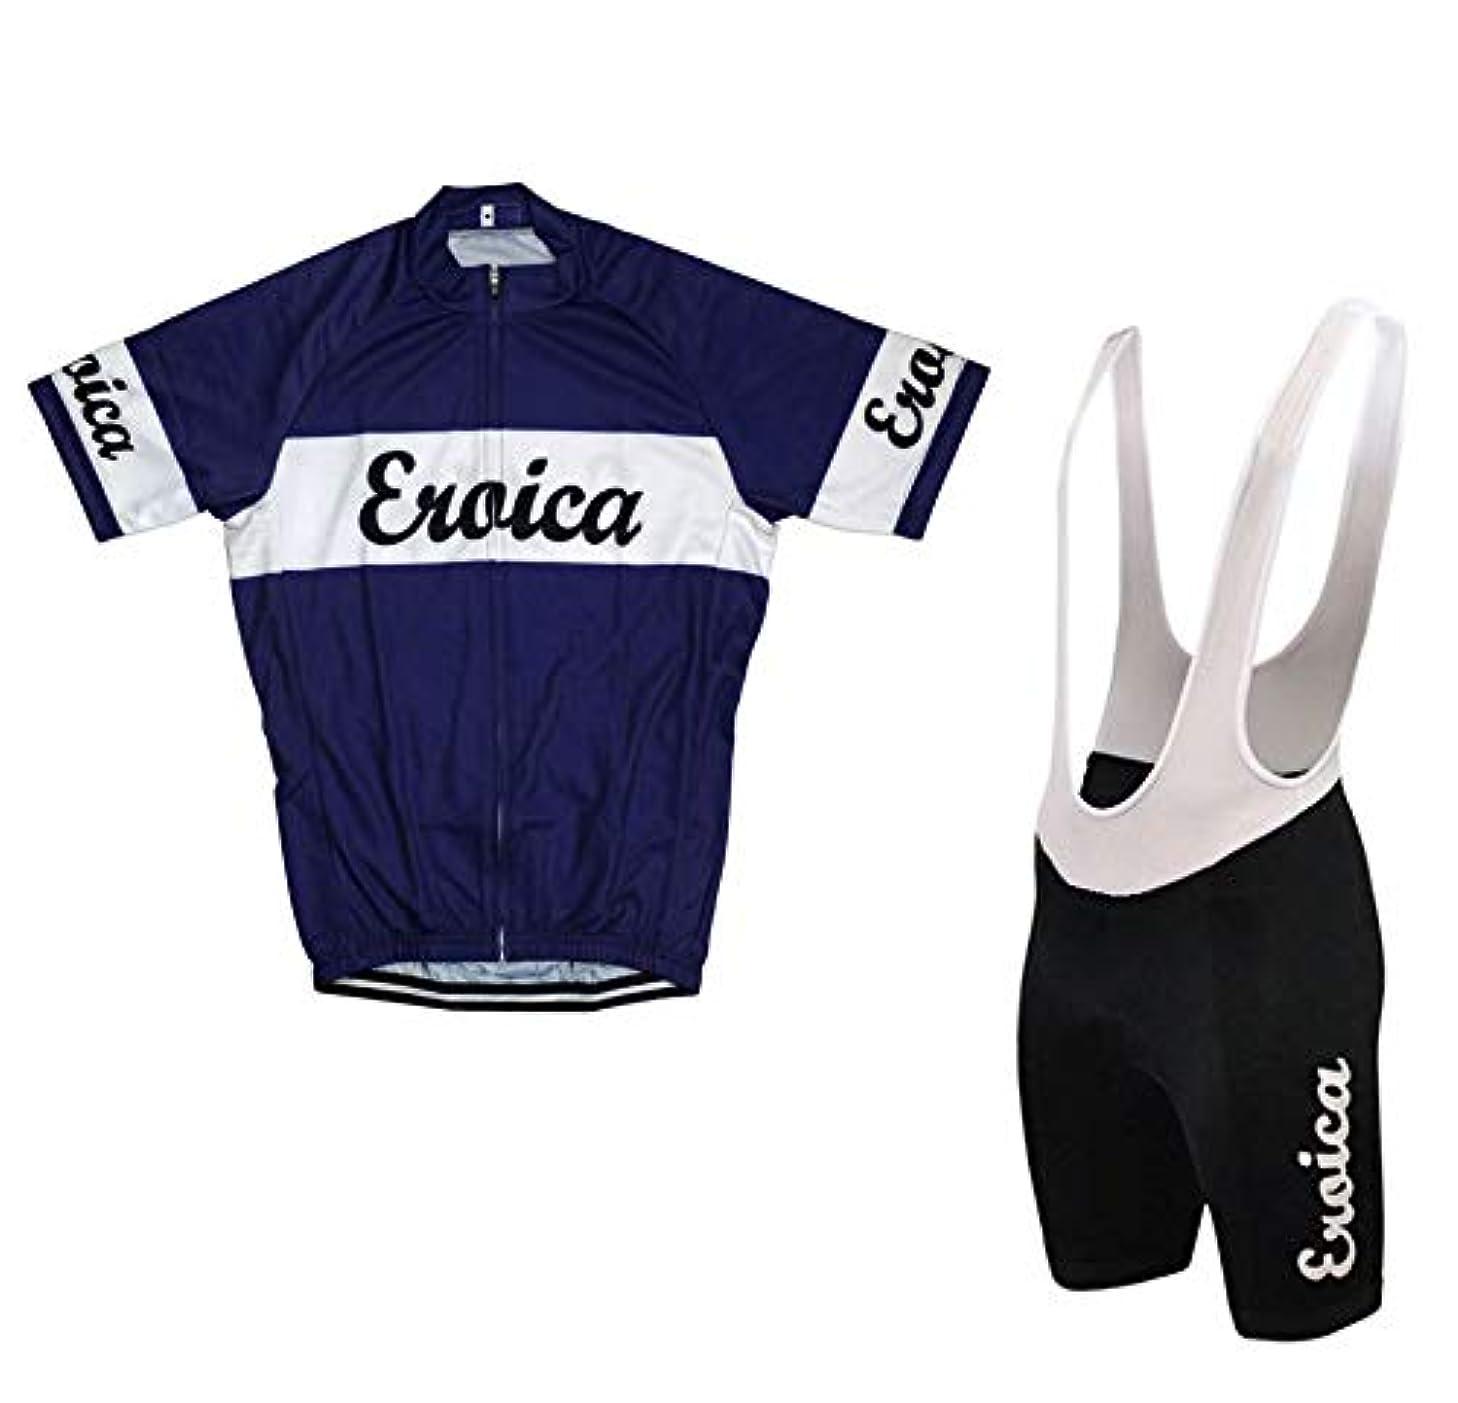 勝者耐久忘れるサイクルジャージ ショーツセット レトロデザイン No7 イタリア メンズ クールマックス仕様 自転車 MTB サイクリング ロードバイク